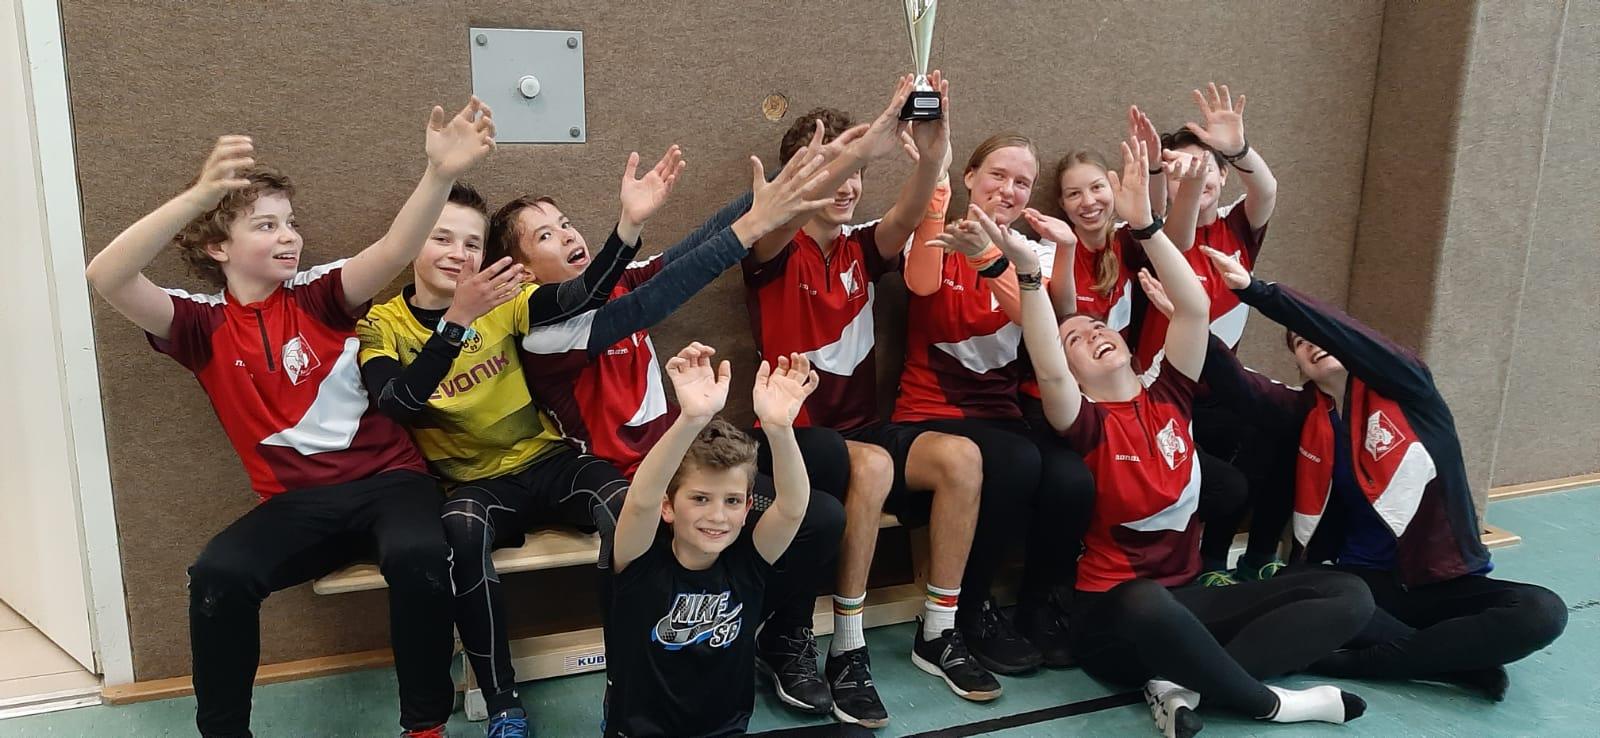 michendorfer-kinder-und-jugendliche-gewinnen-2019-den-nachwuchspokal-3.jpg